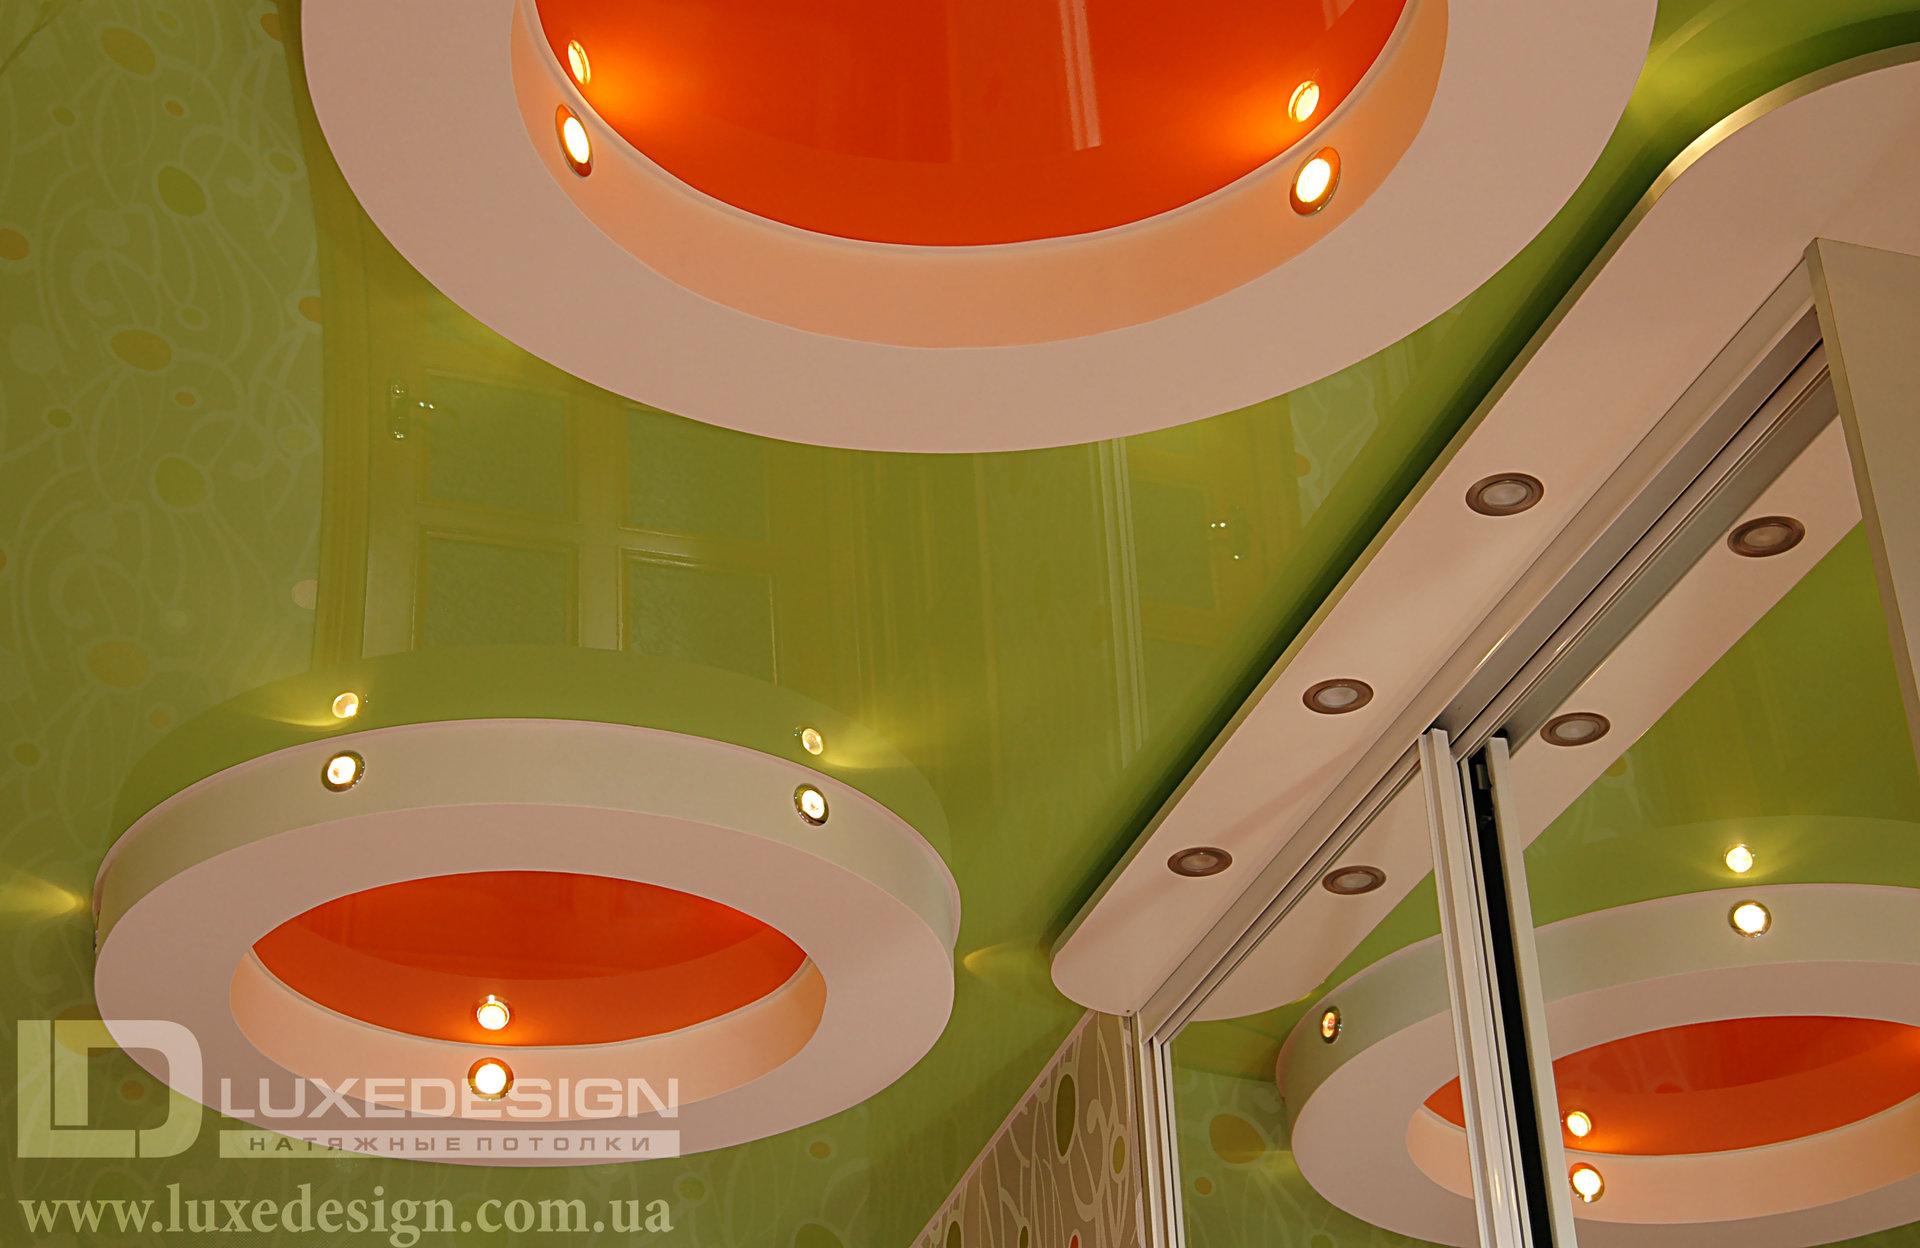 Дизайн натяжных потолков цены